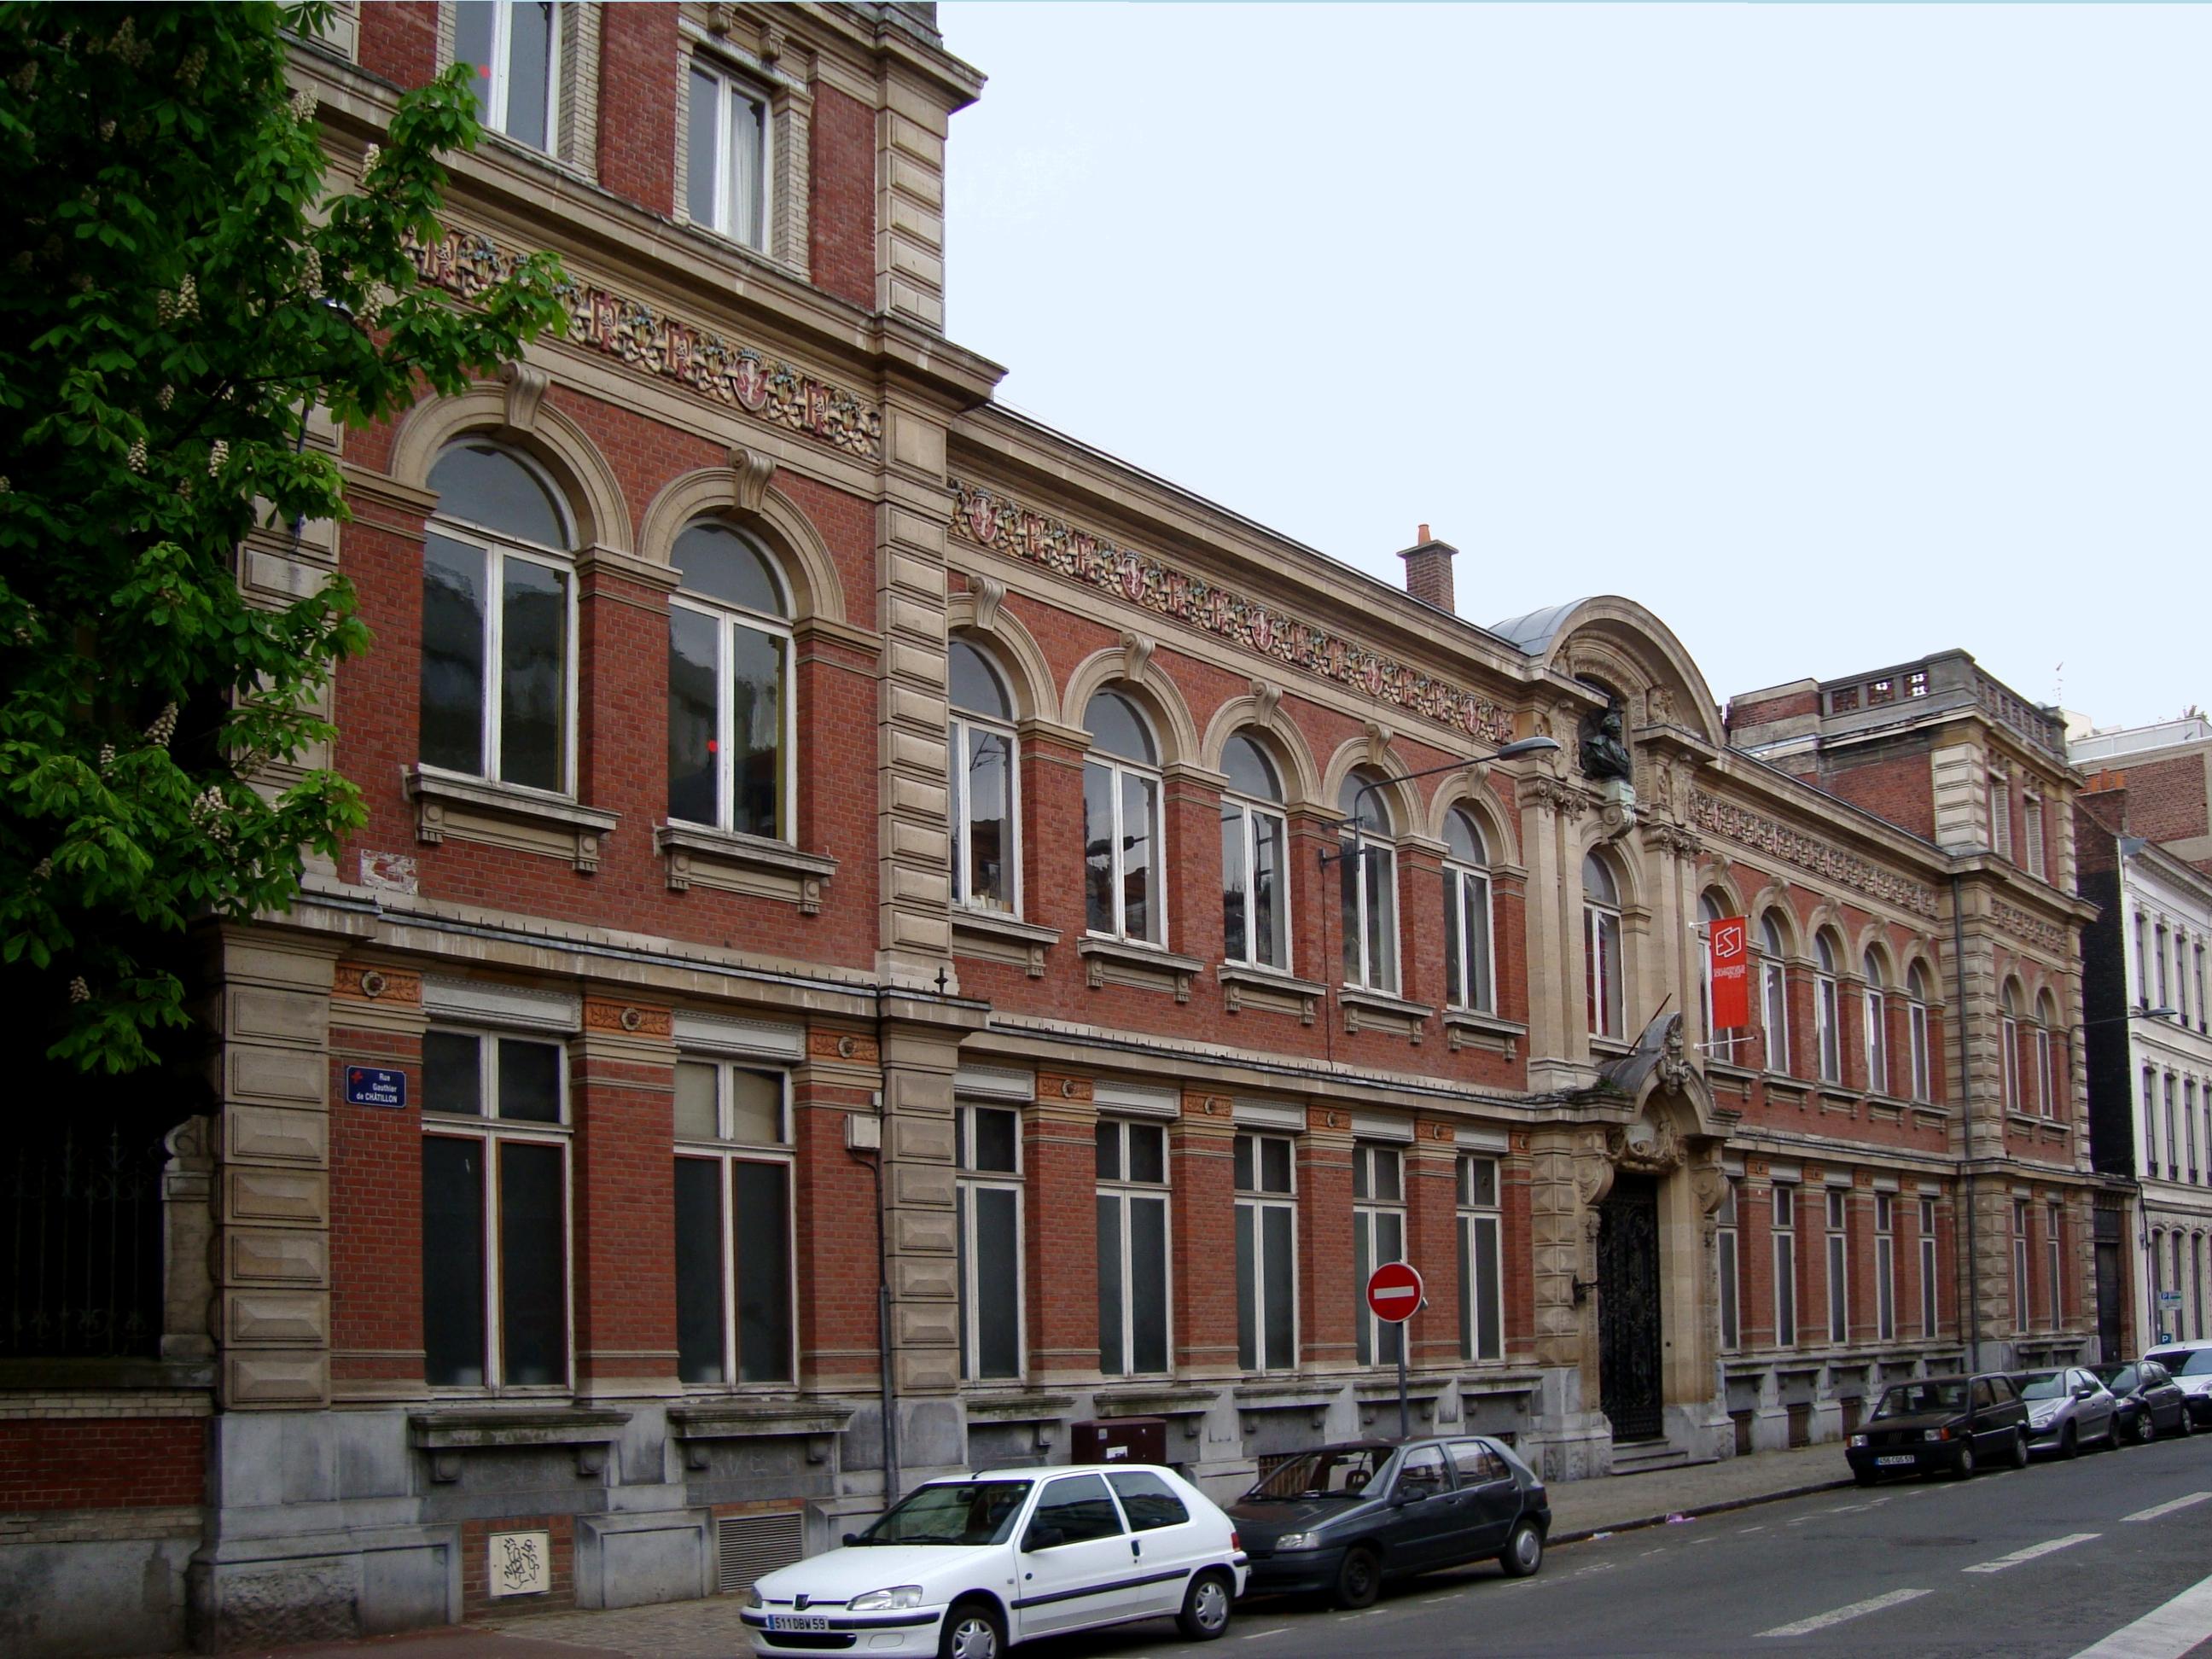 File:Lille ecole de journalisme.JPG - Wikimedia Commons